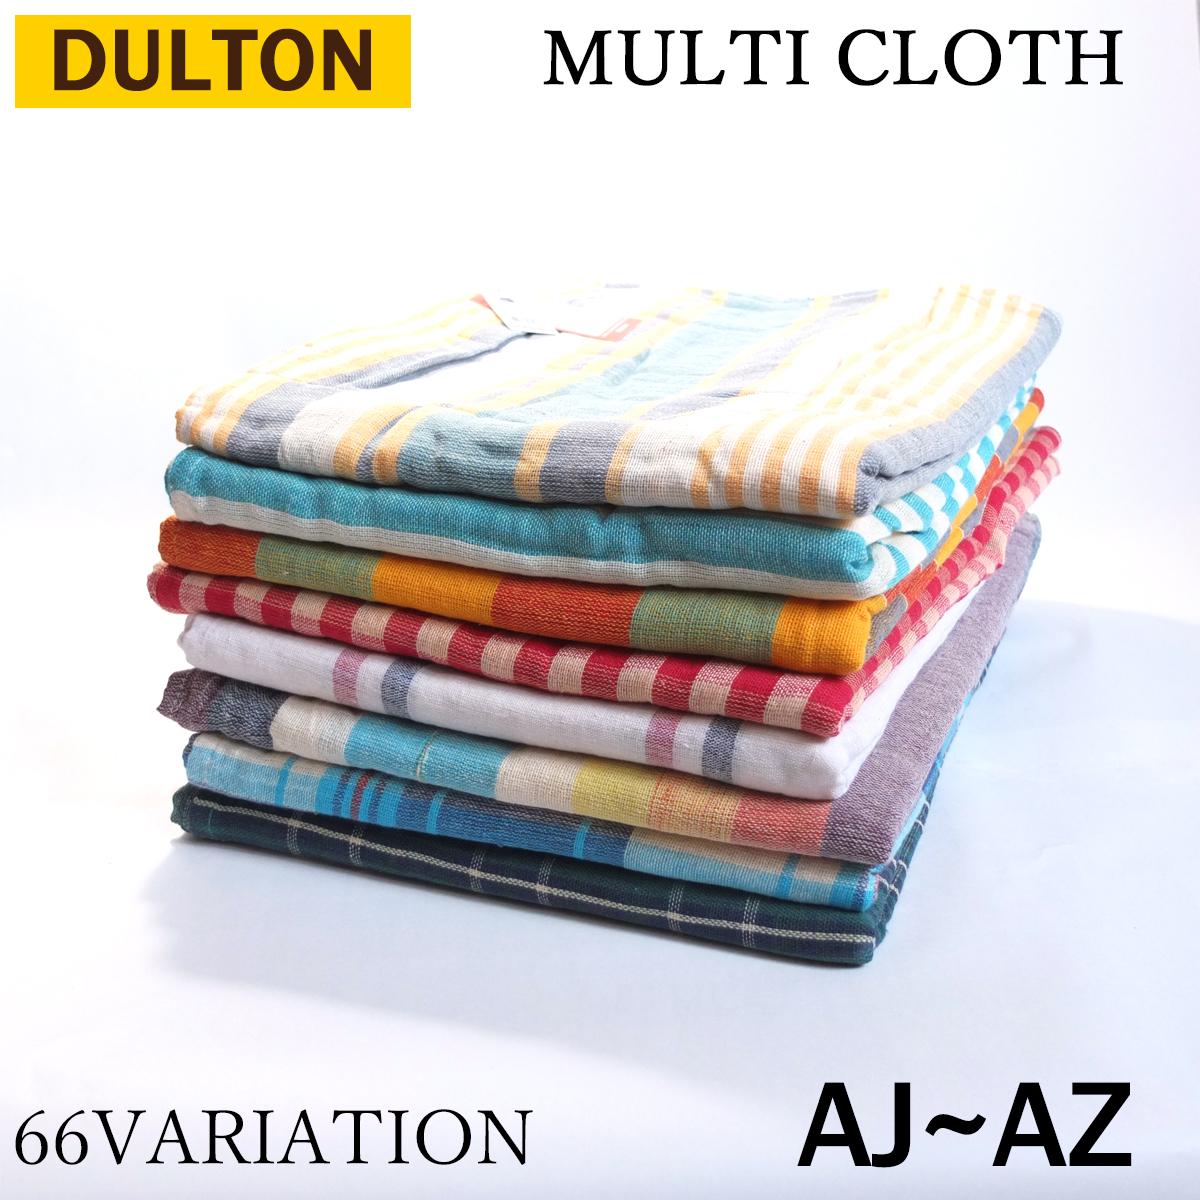 一枚の布から広がるたのしみを DULTON 激安通販販売 ダルトン マルチクロス MULTI CLOTH S159-54 マルチカバー メール便送料無料キャンペーン中 AJ~AZ 専門店 インド綿 布 生地